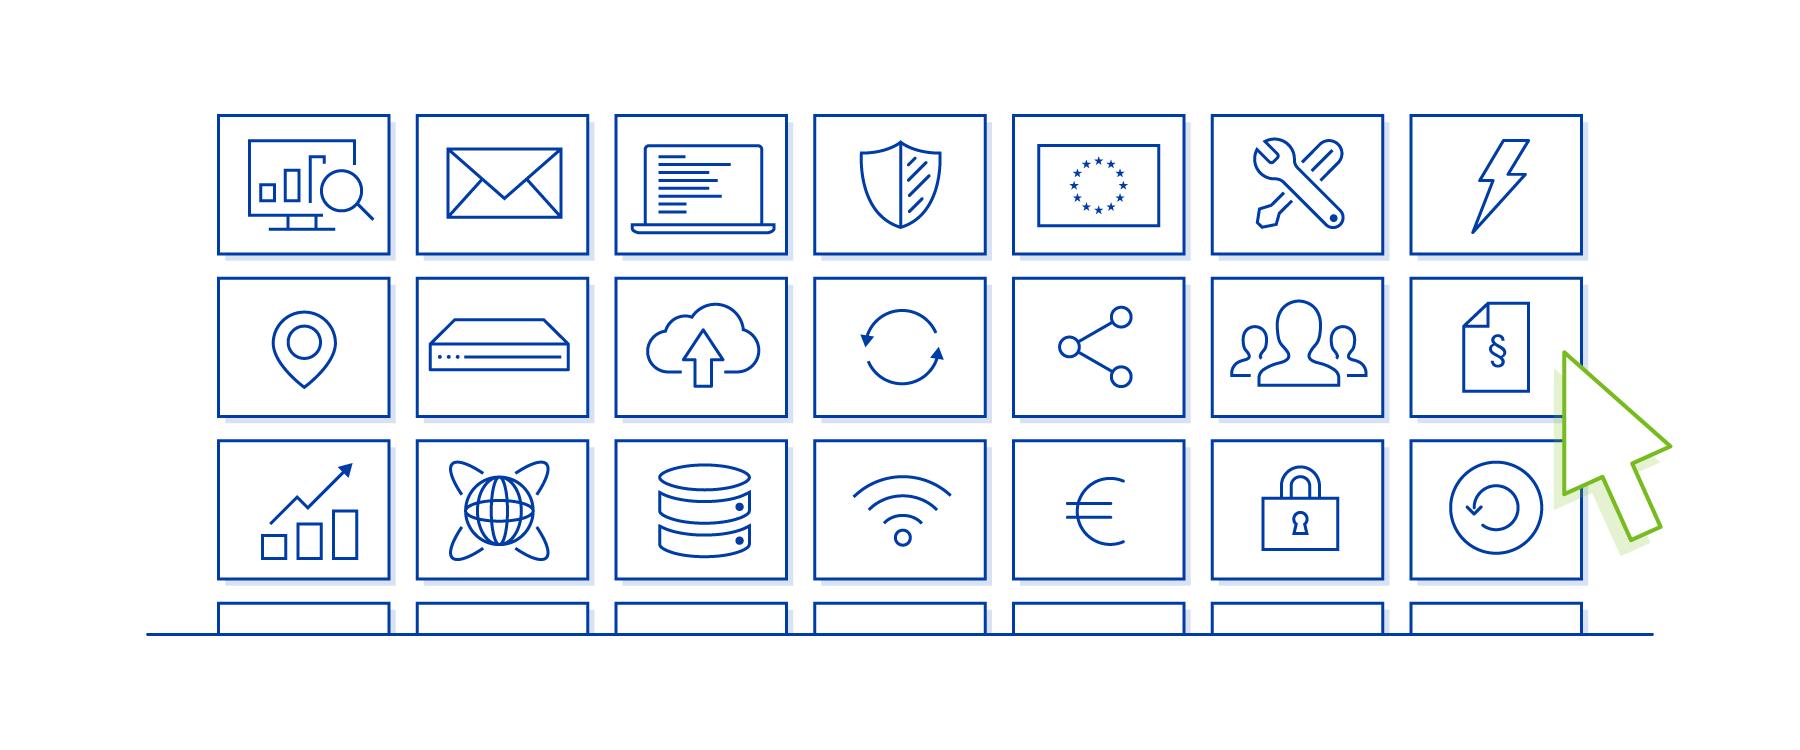 Public Cloud Applications